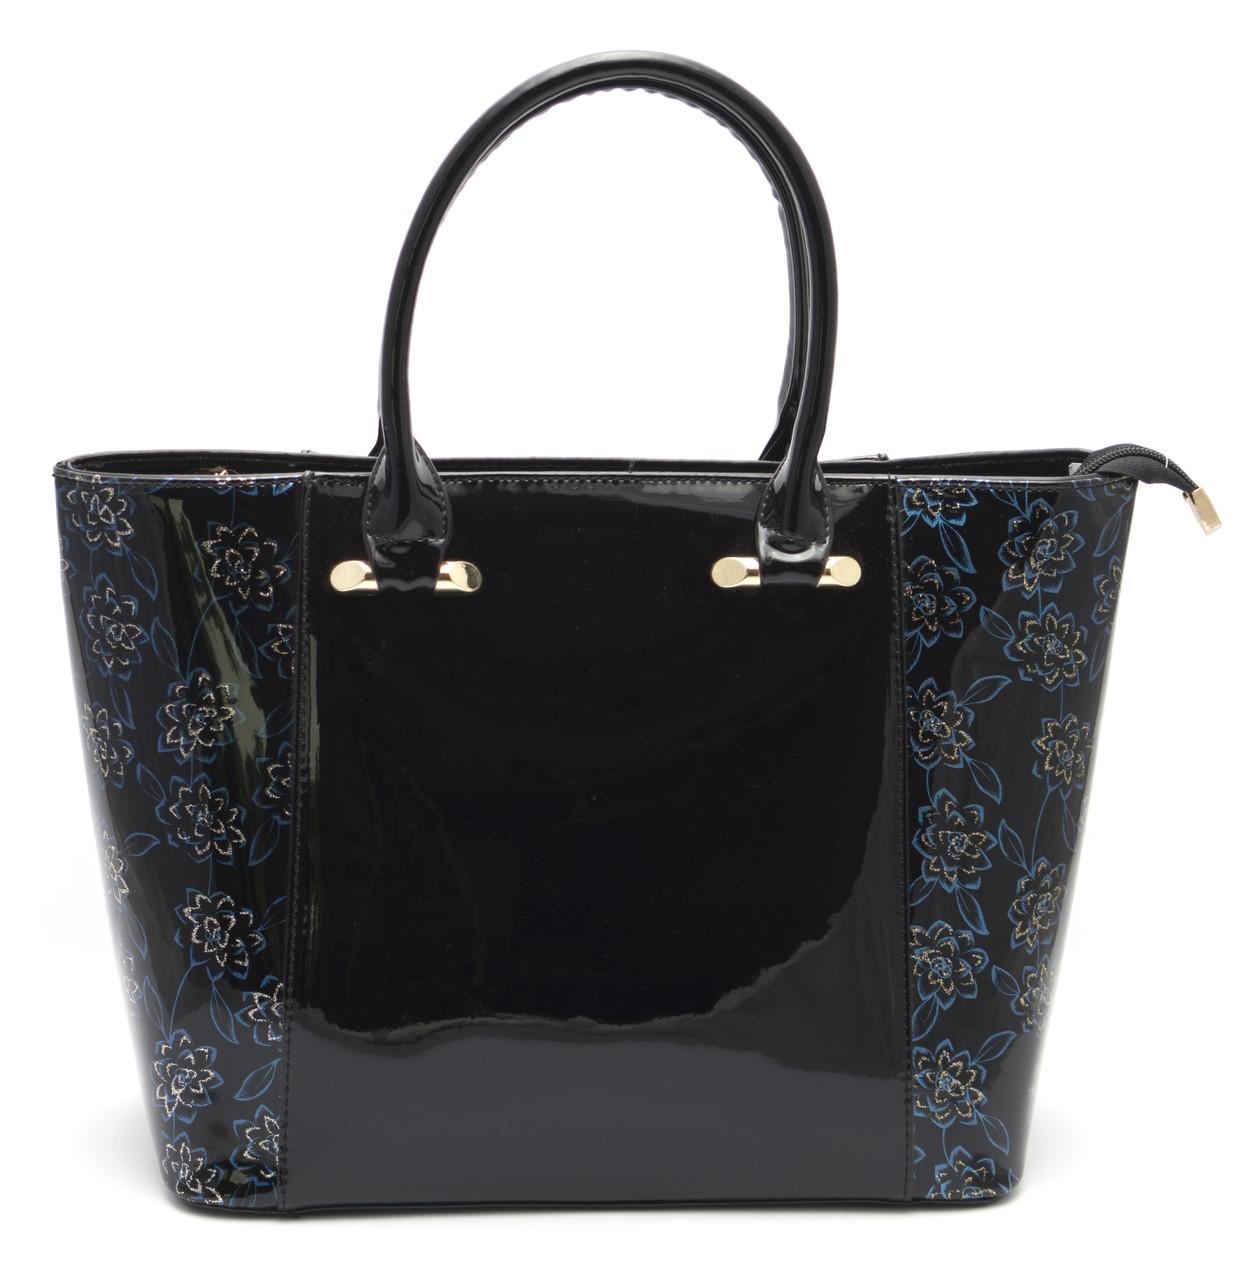 Модная лаковая черная женская сумка c красивыми вставками Б/Н art. 9304